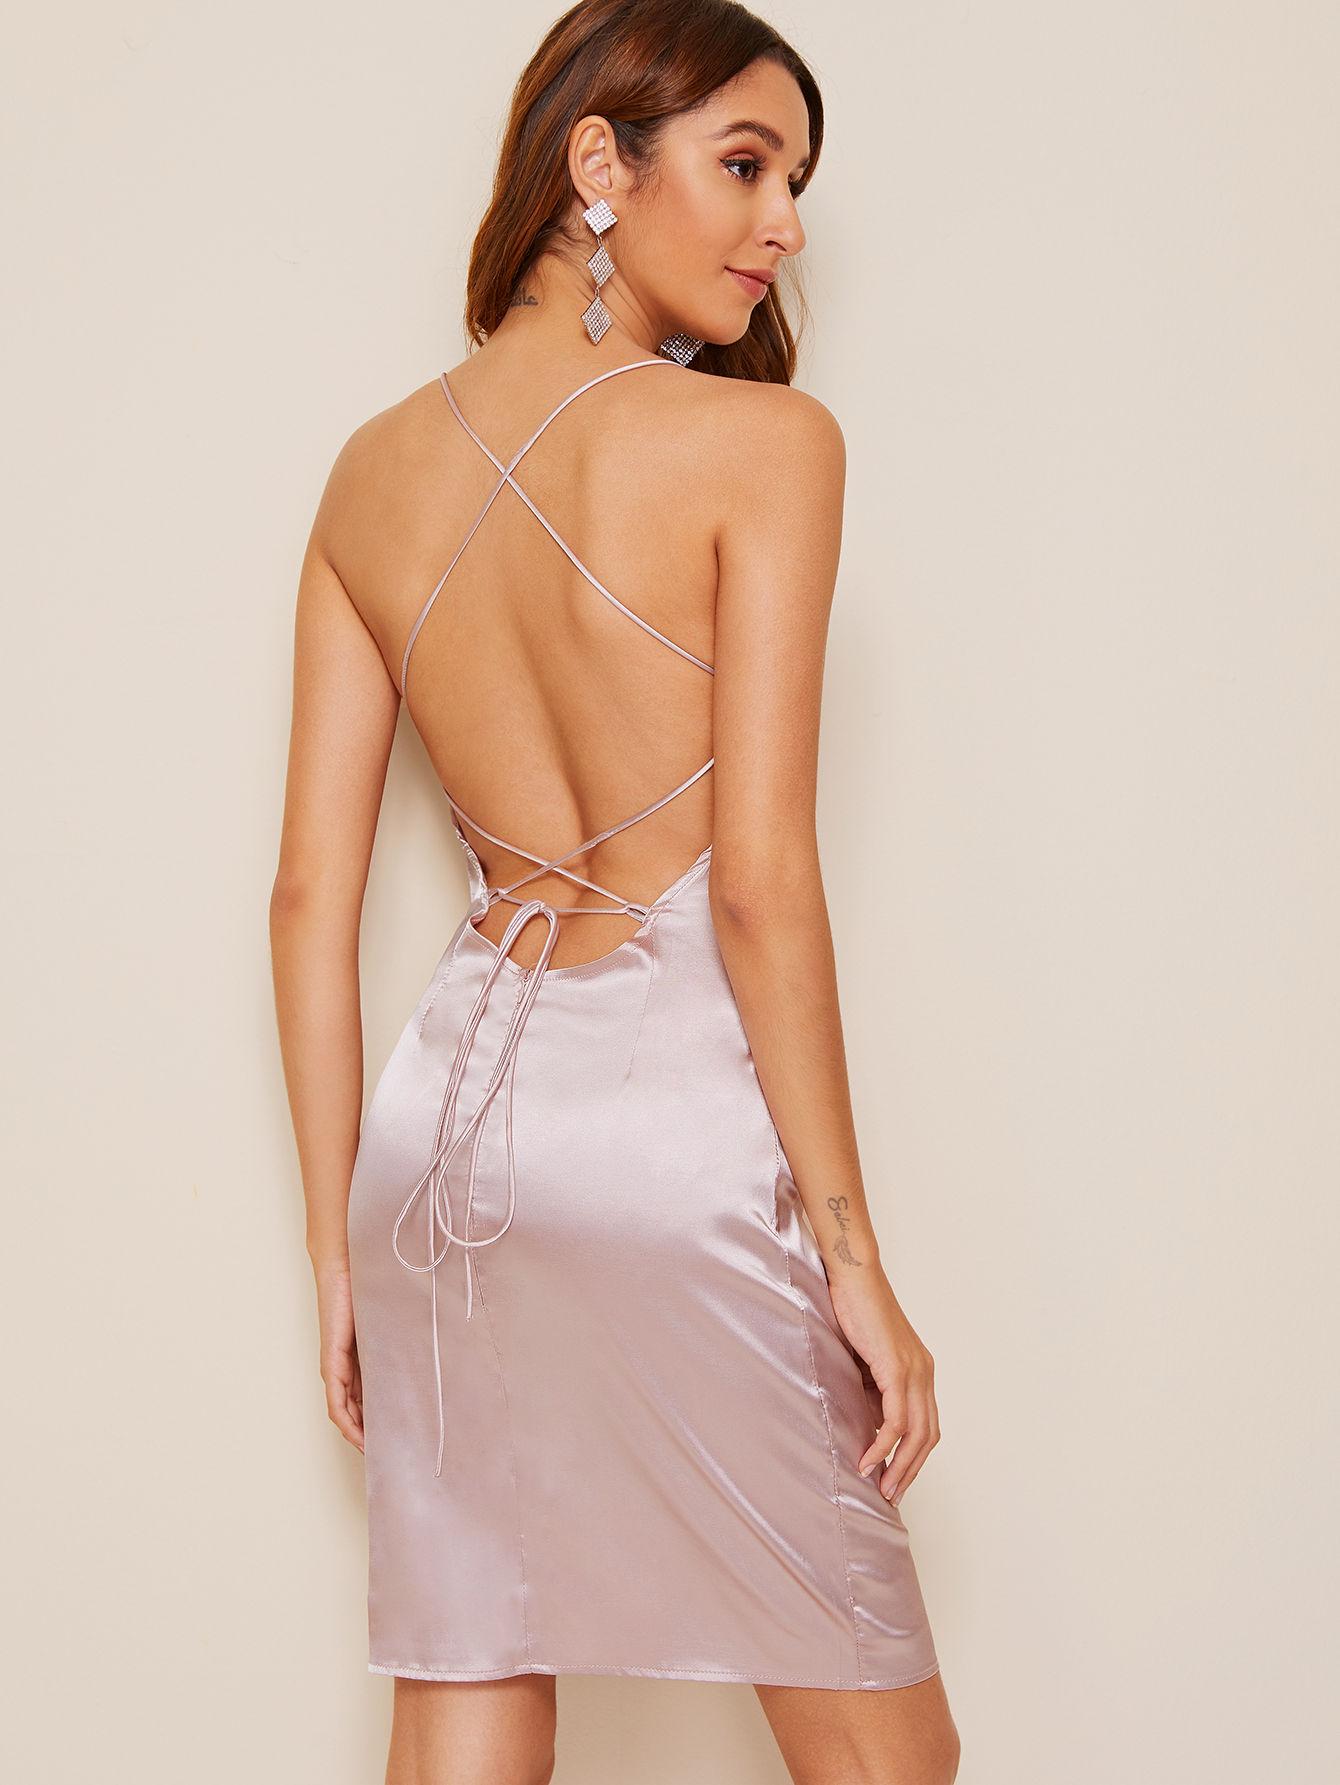 Фото - Атласное платье на бретелях с кулиской от SheIn цвет розовые